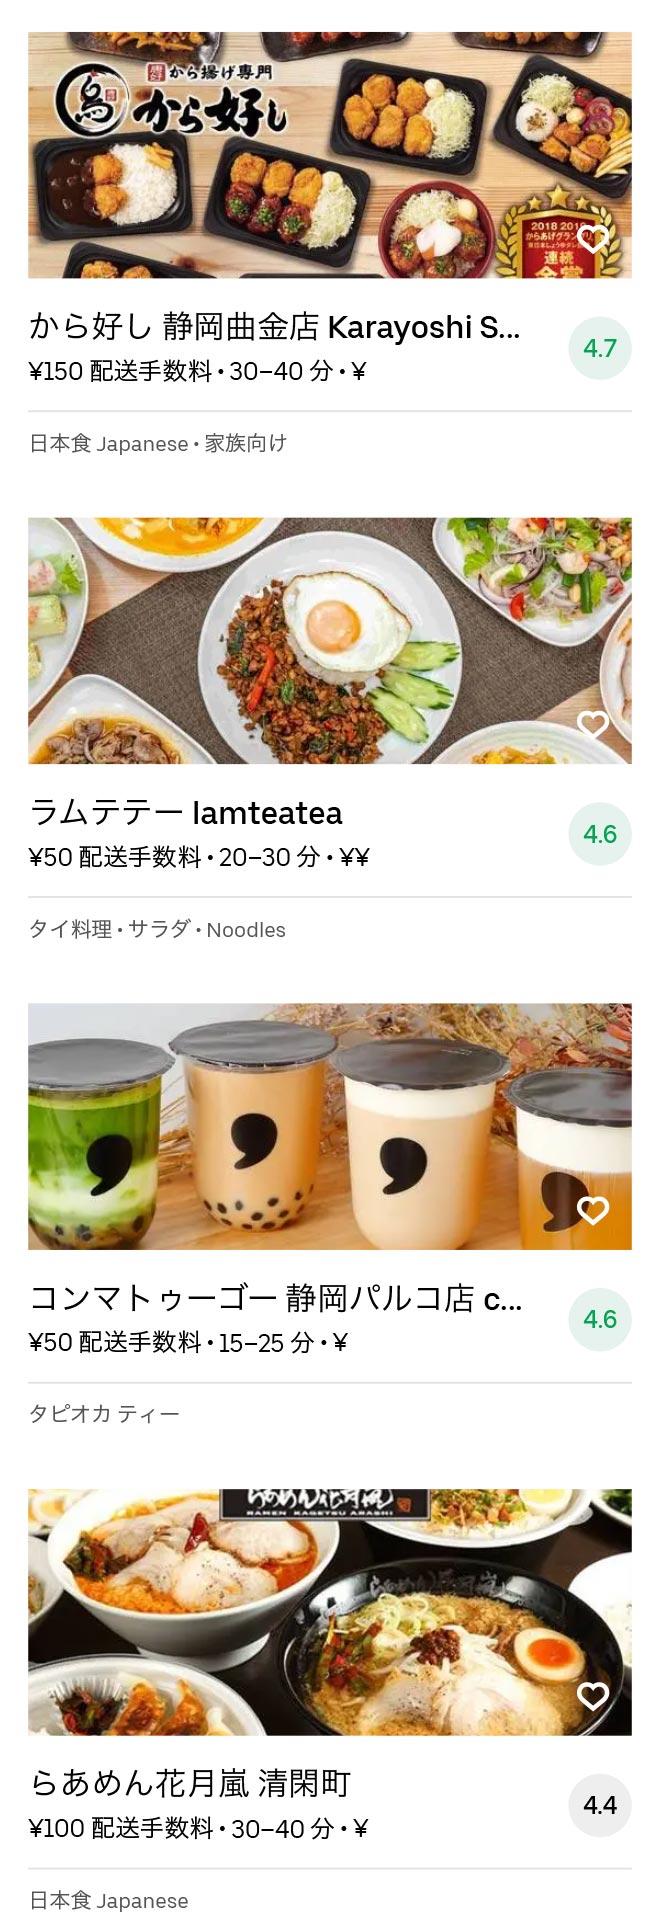 Shizuoka menu 2010 06